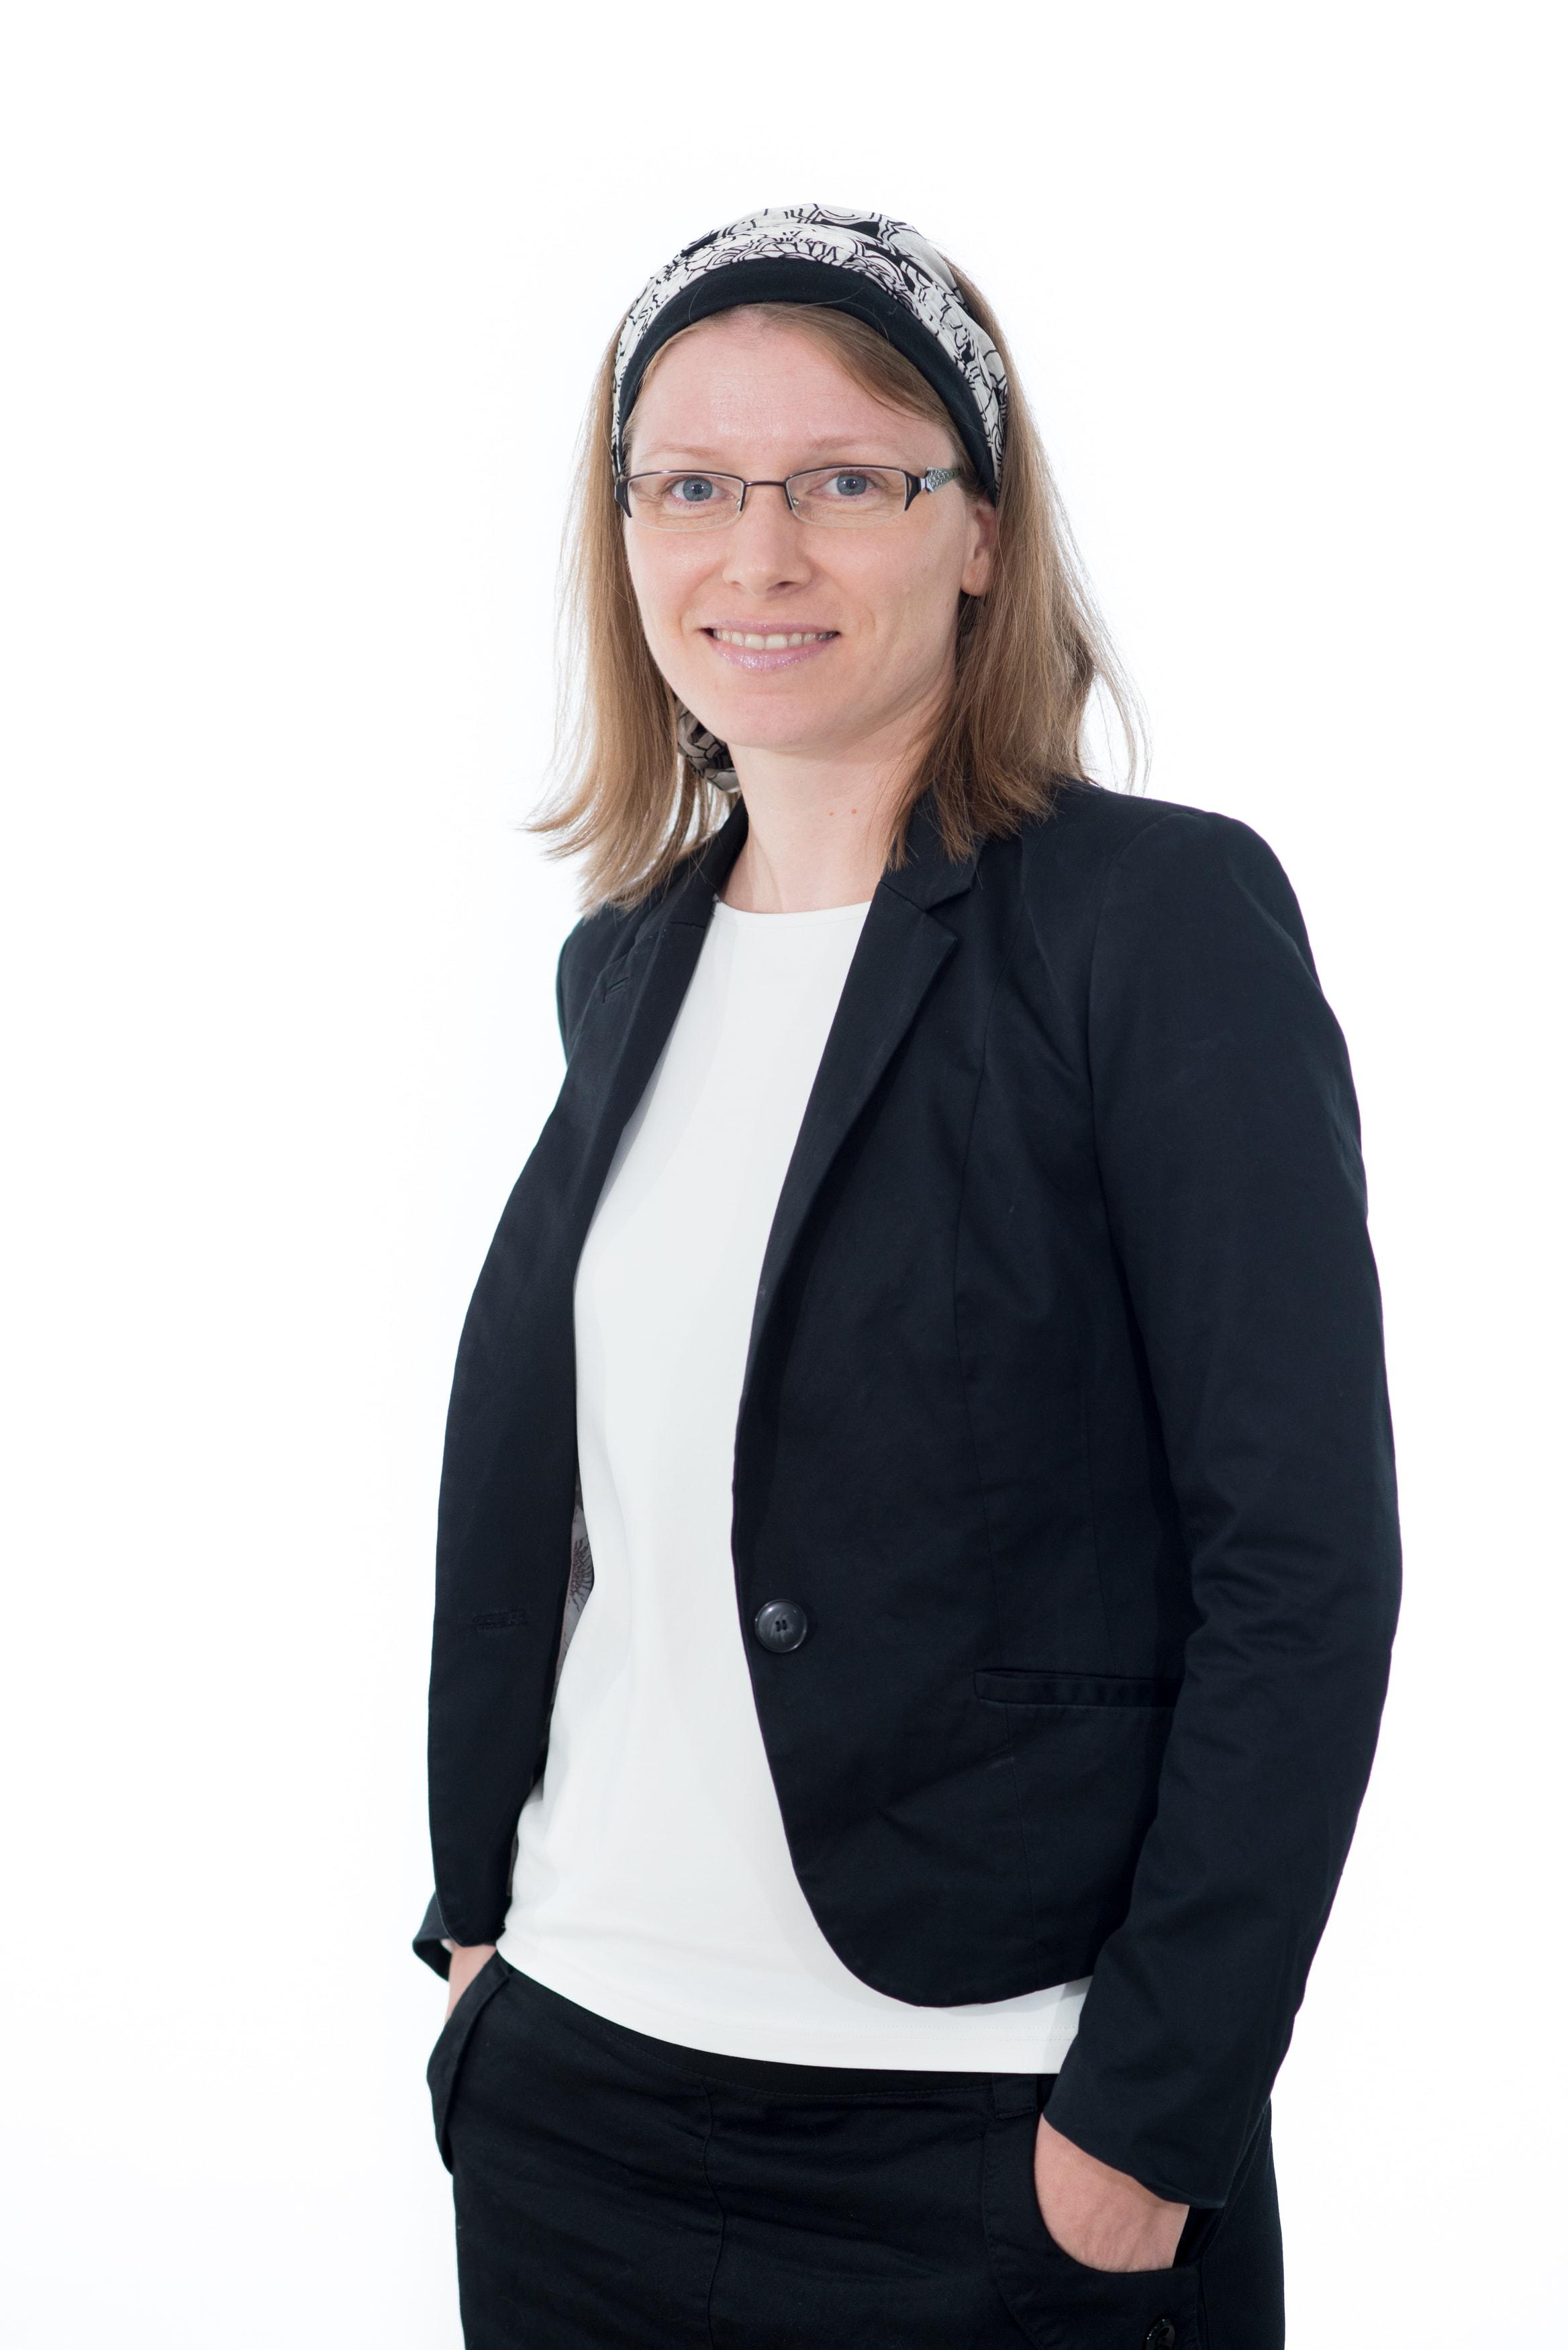 KATHRIN RACHEL WEISS-HERSH